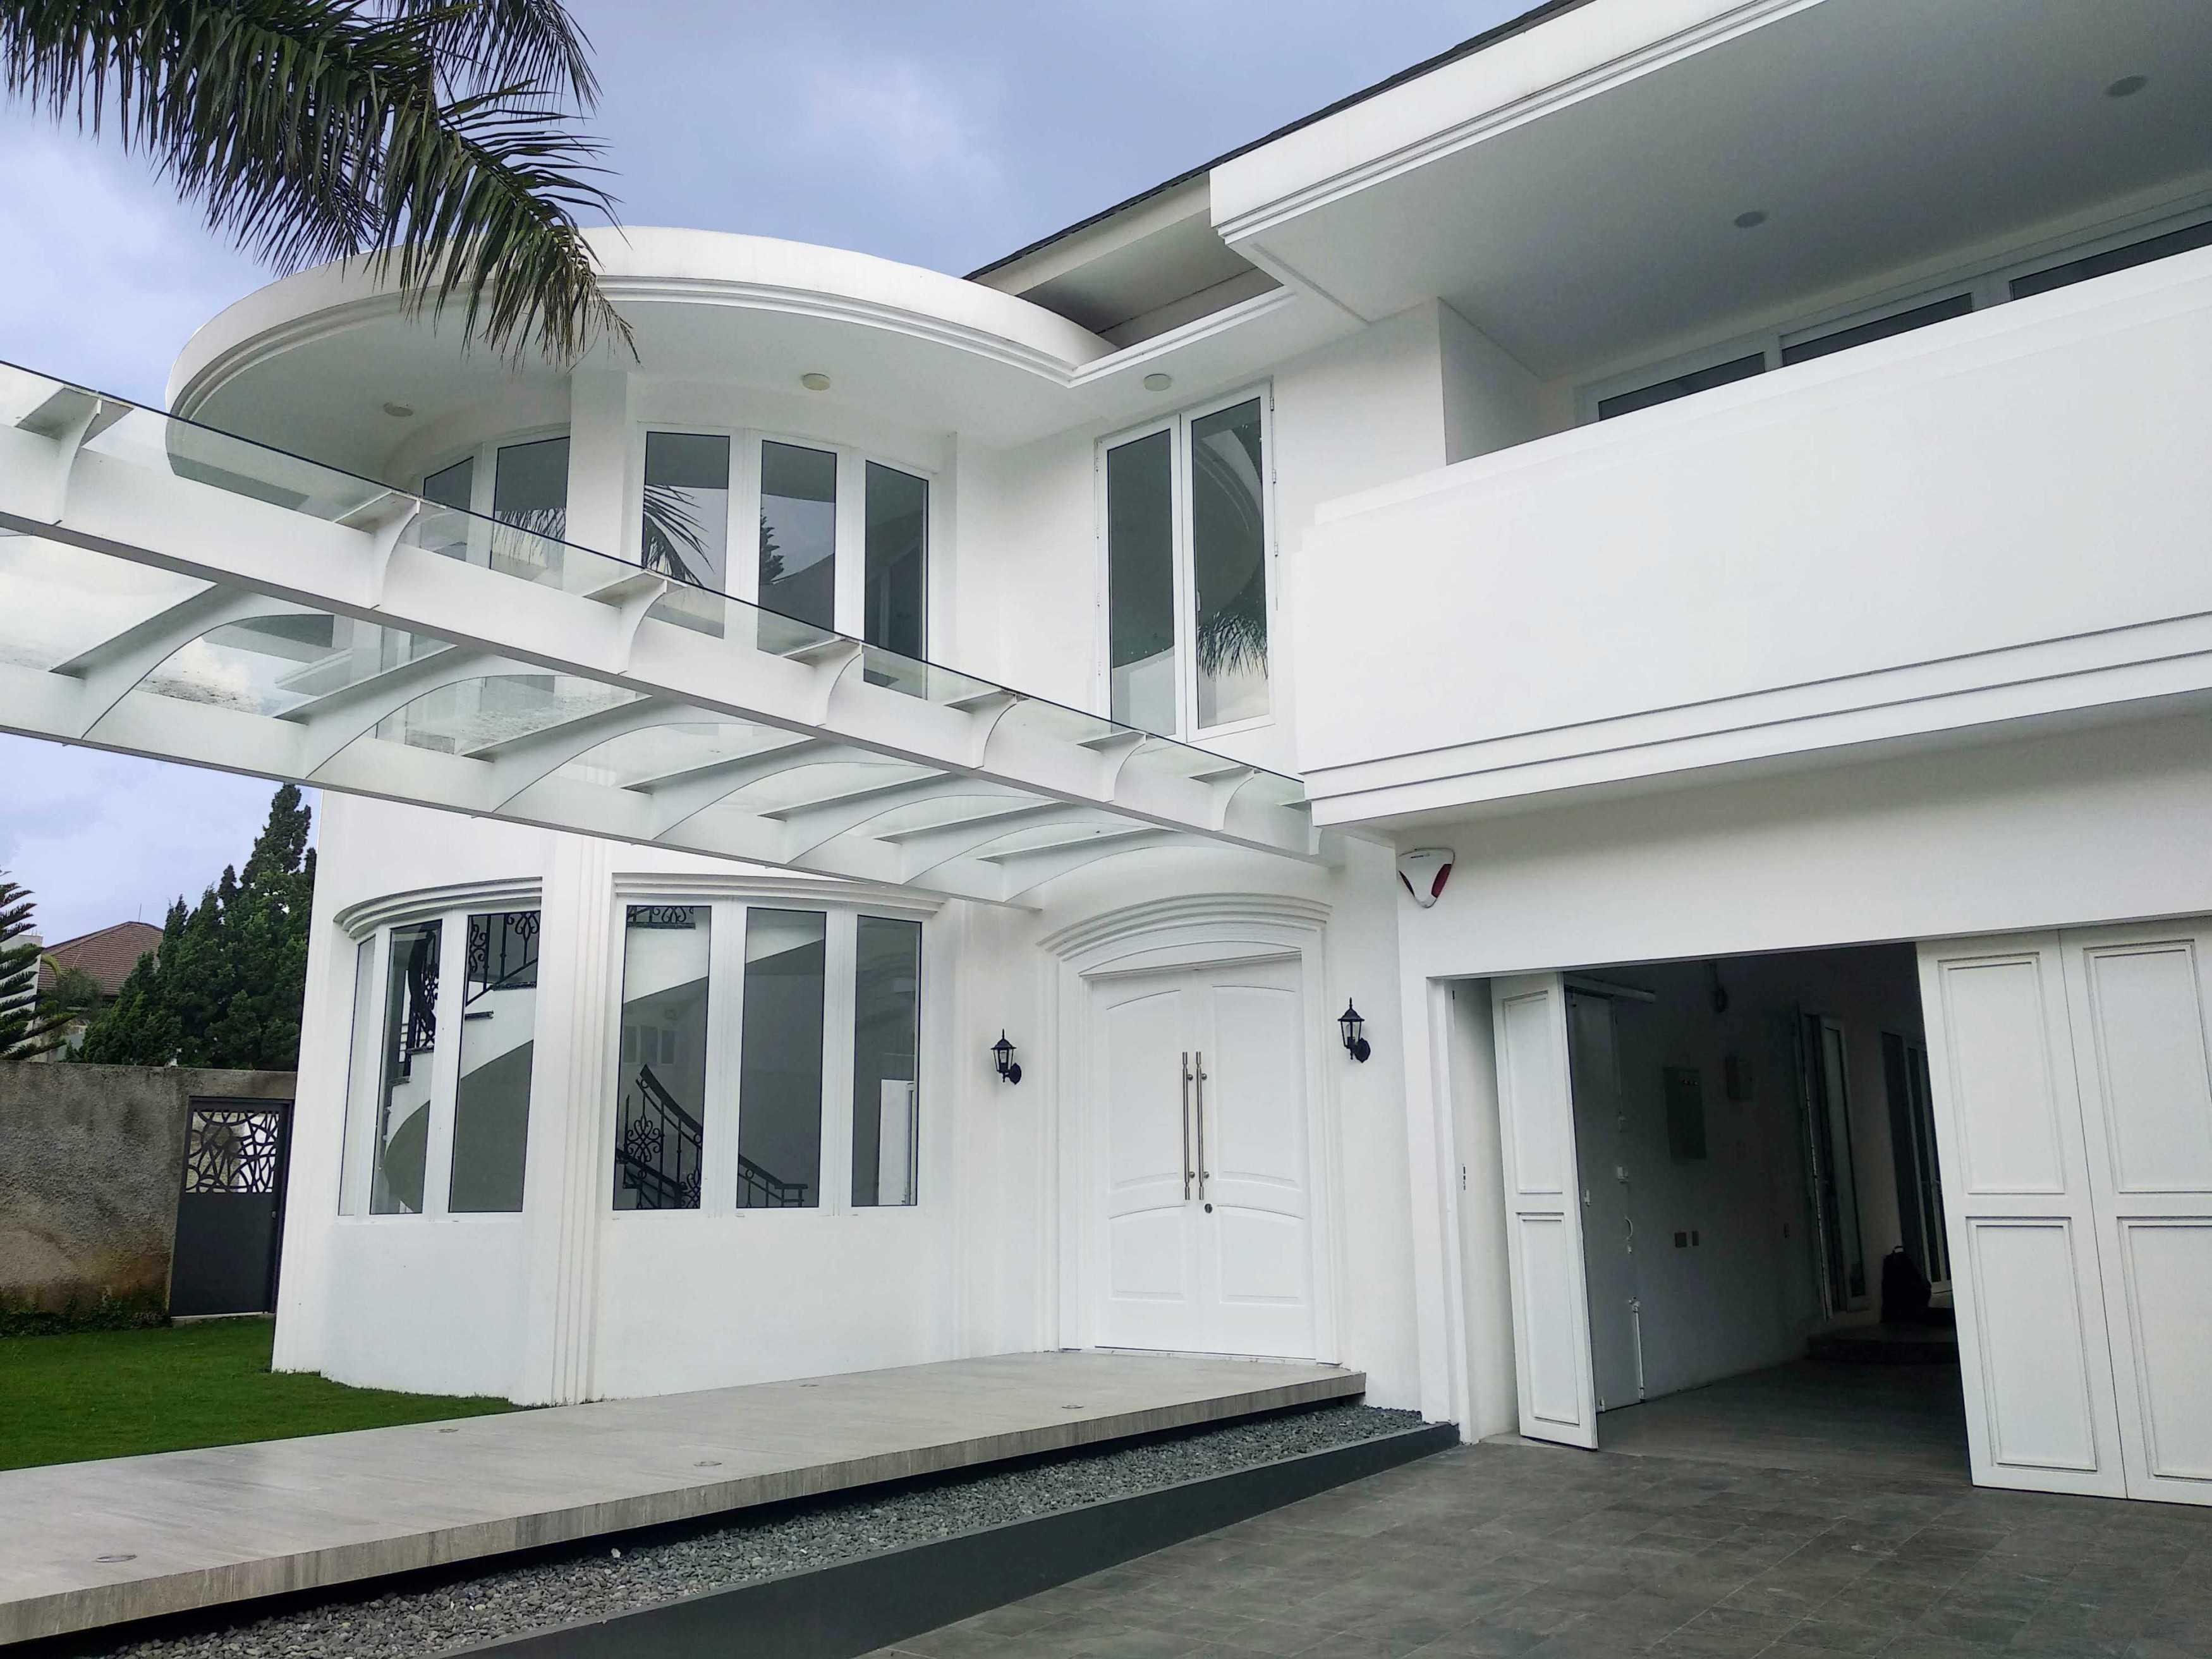 Arkitekt.id Setraduta Kencana Bandung Bandung Sk House - Exterior  <P>Dominasi Warna Putih Pada Bangunan Dengan Tambahan Sedikit Profil Pada Dinding Dan Kanopi Memberikan Sentuhan Modern Pada Gaya Klasik Rumah Ini.</p> 69589